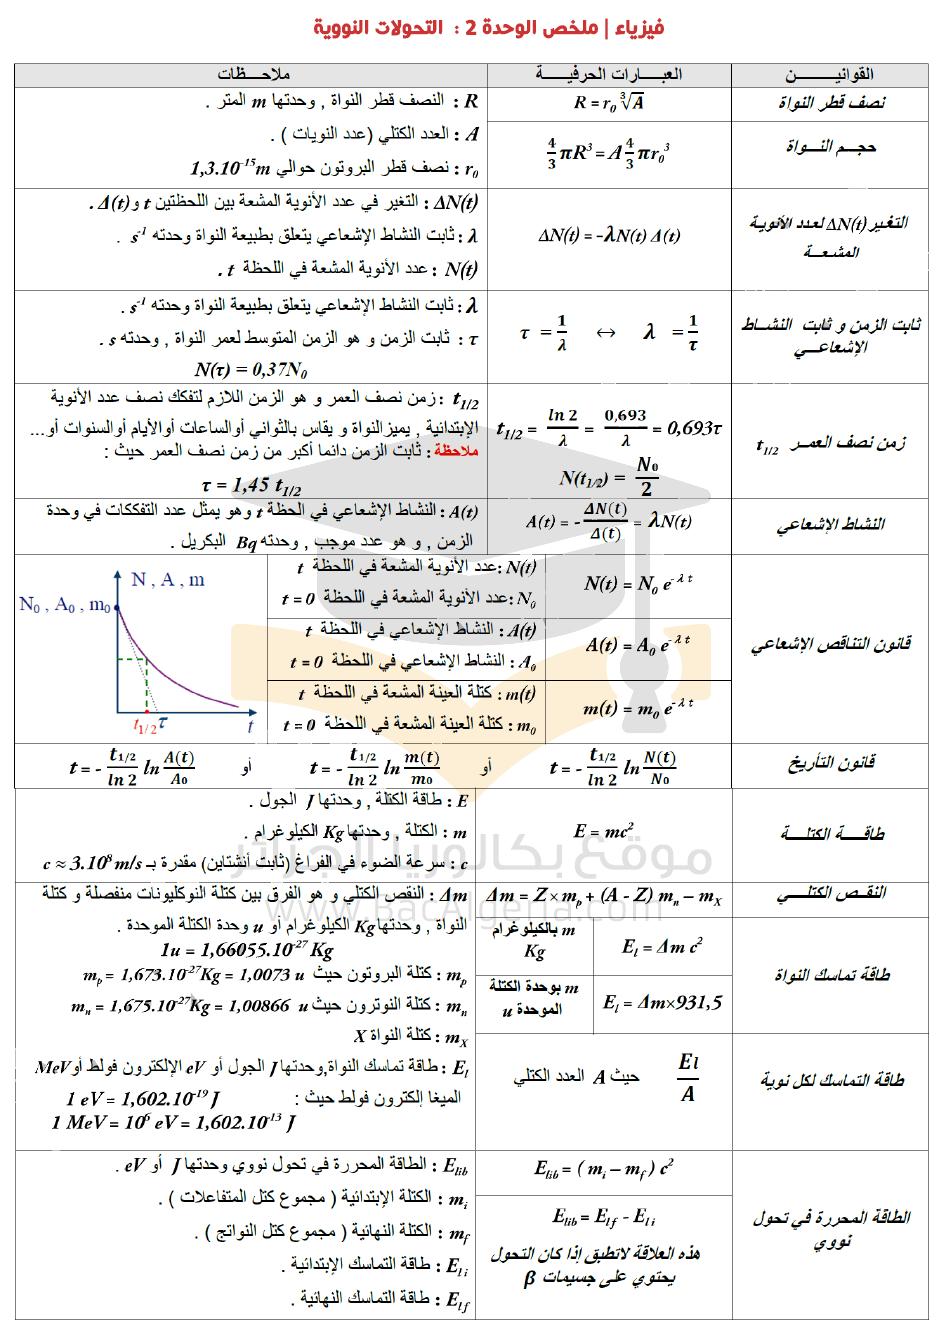 قوانين ملخص وحدة التحولات النووية في الفيزياء بكالوريا الجزائر Life Hacks For School Math Humor Physics